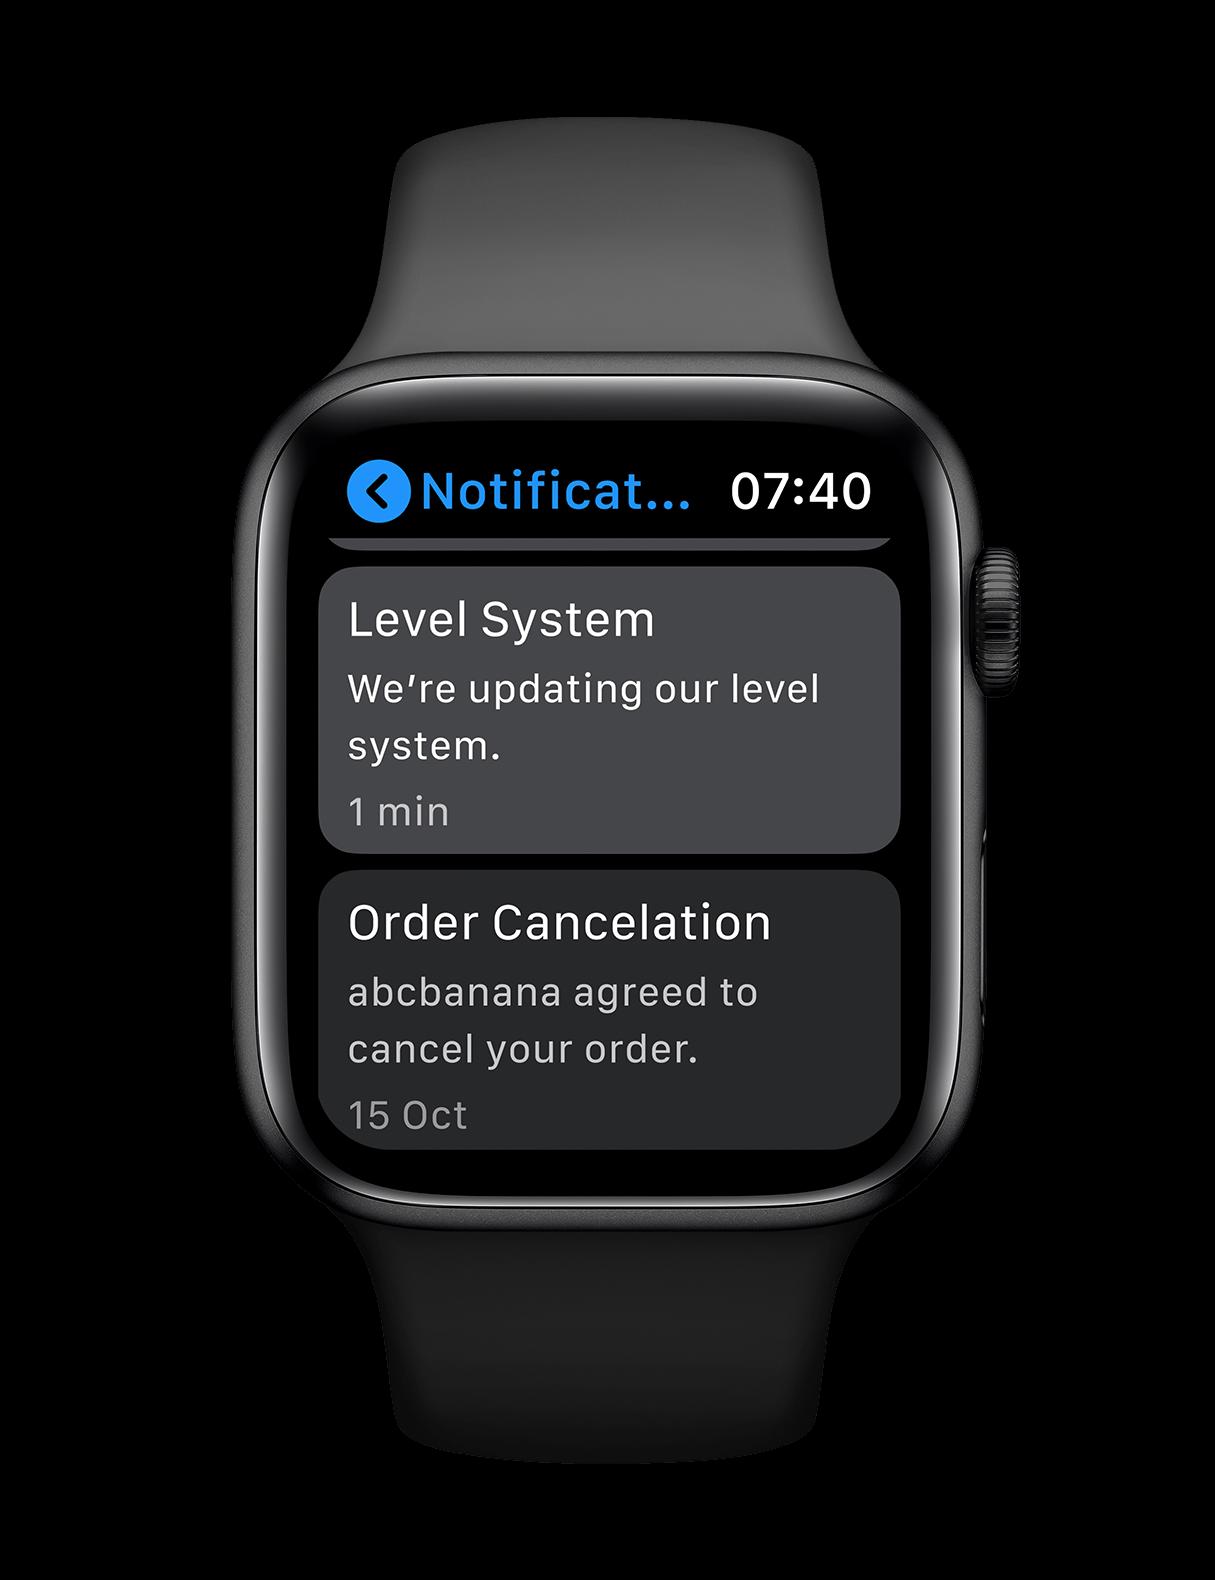 apple_watch_11